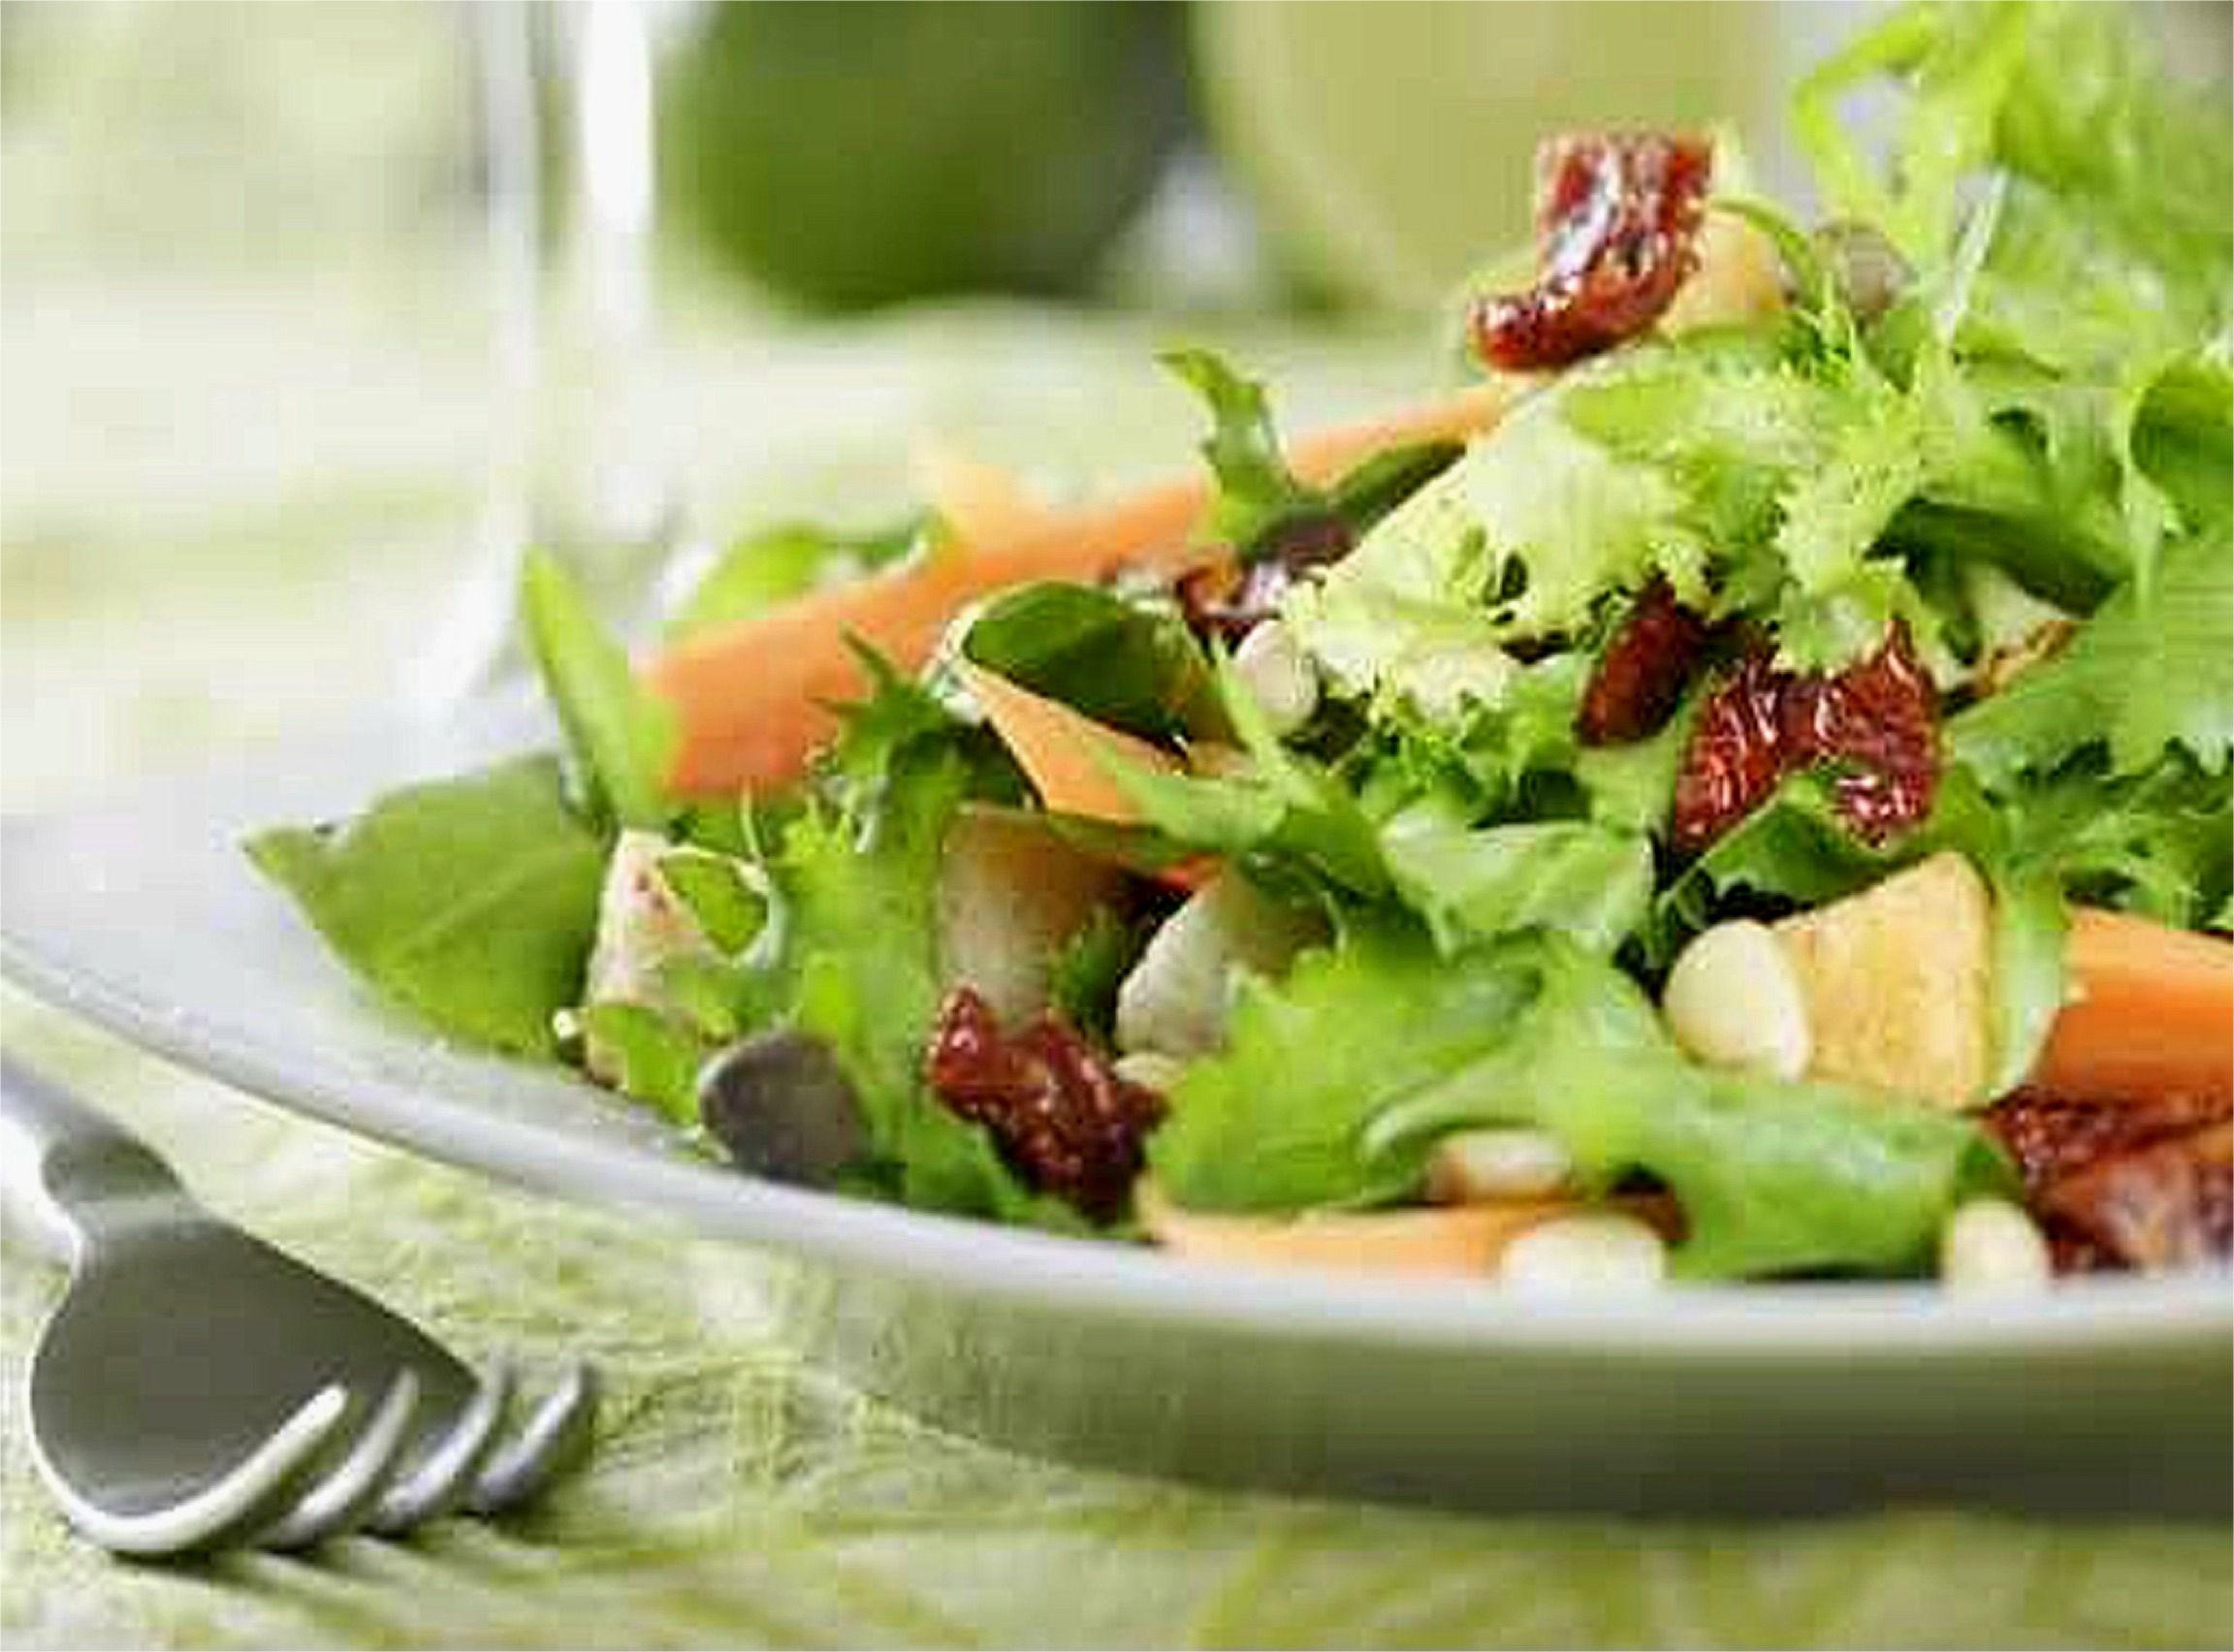 Quante calorie contiene un'insalatona?